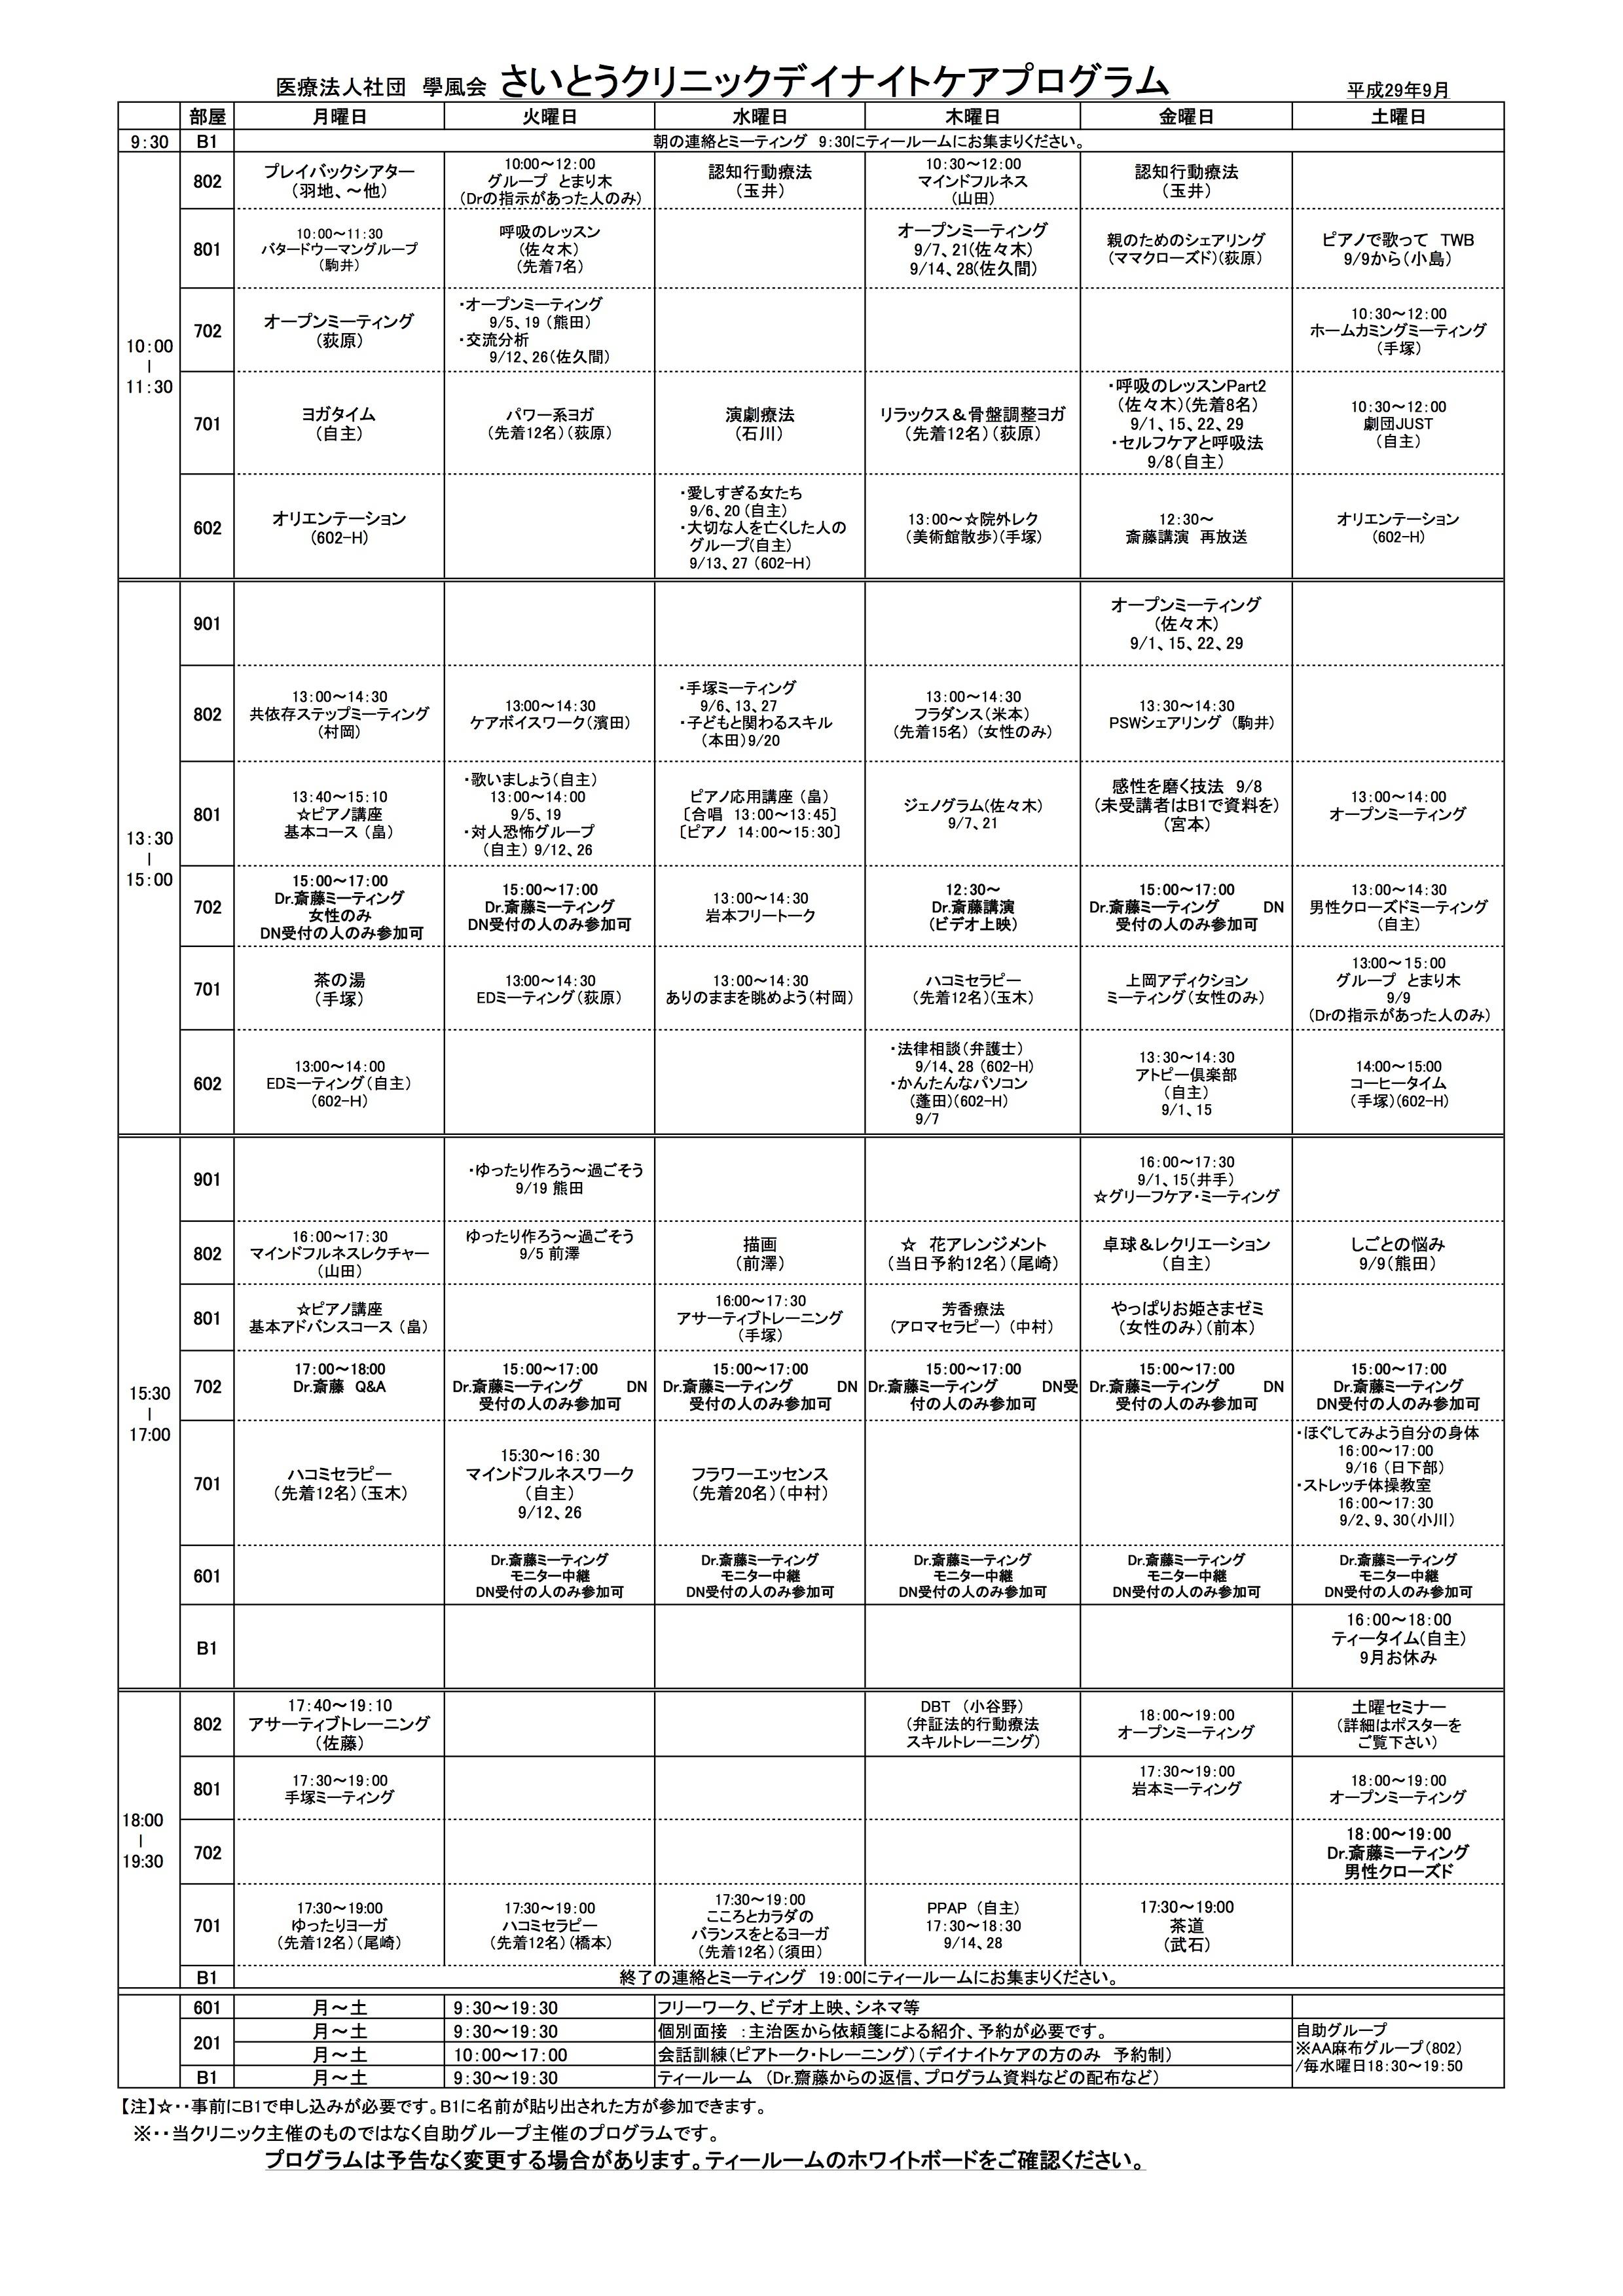 201709月プログラム進行表